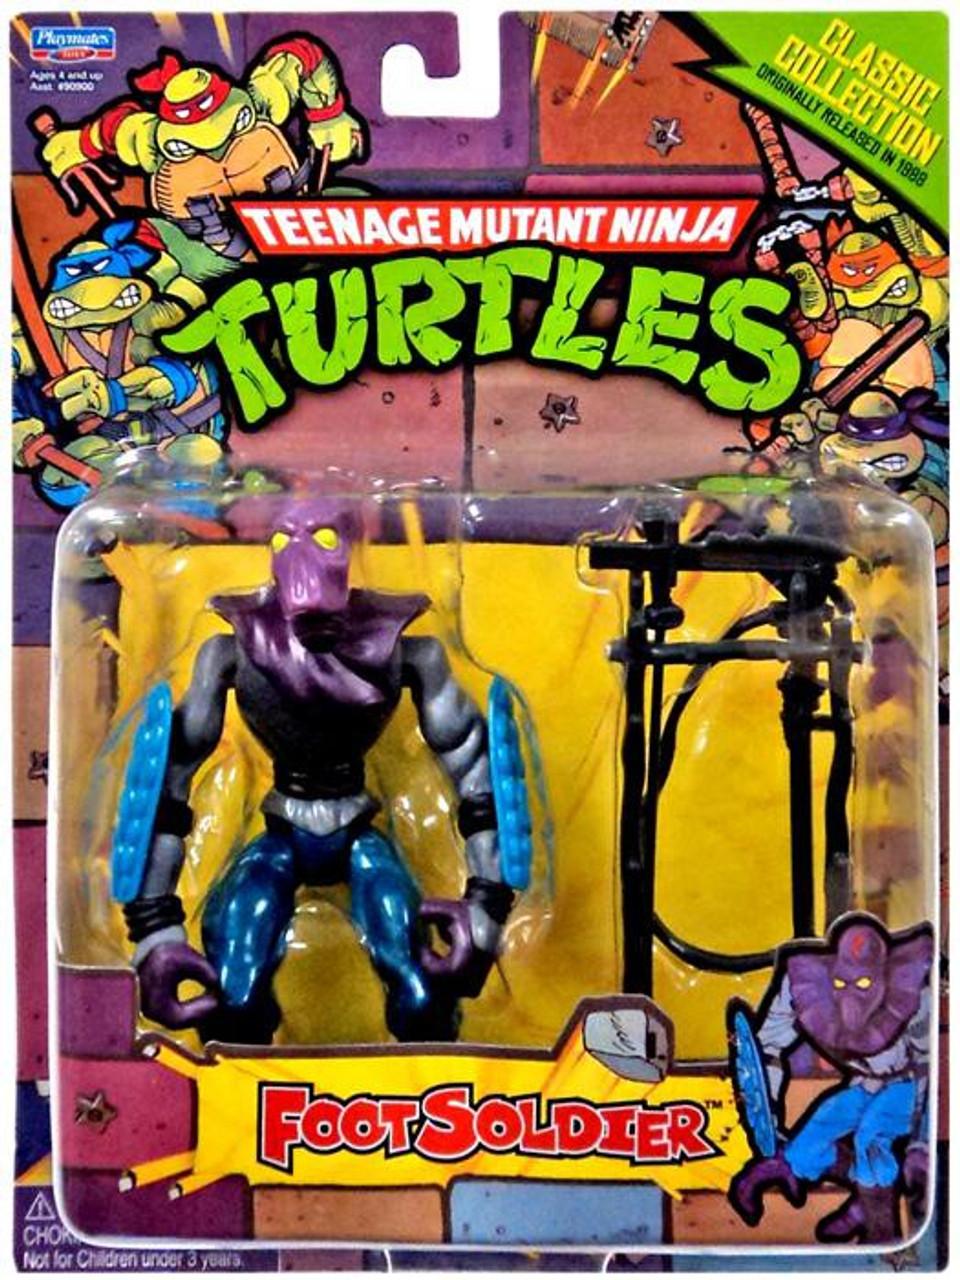 Teenage Mutant Ninja Turtles 1987 Retro Foot Soldier Action Figure